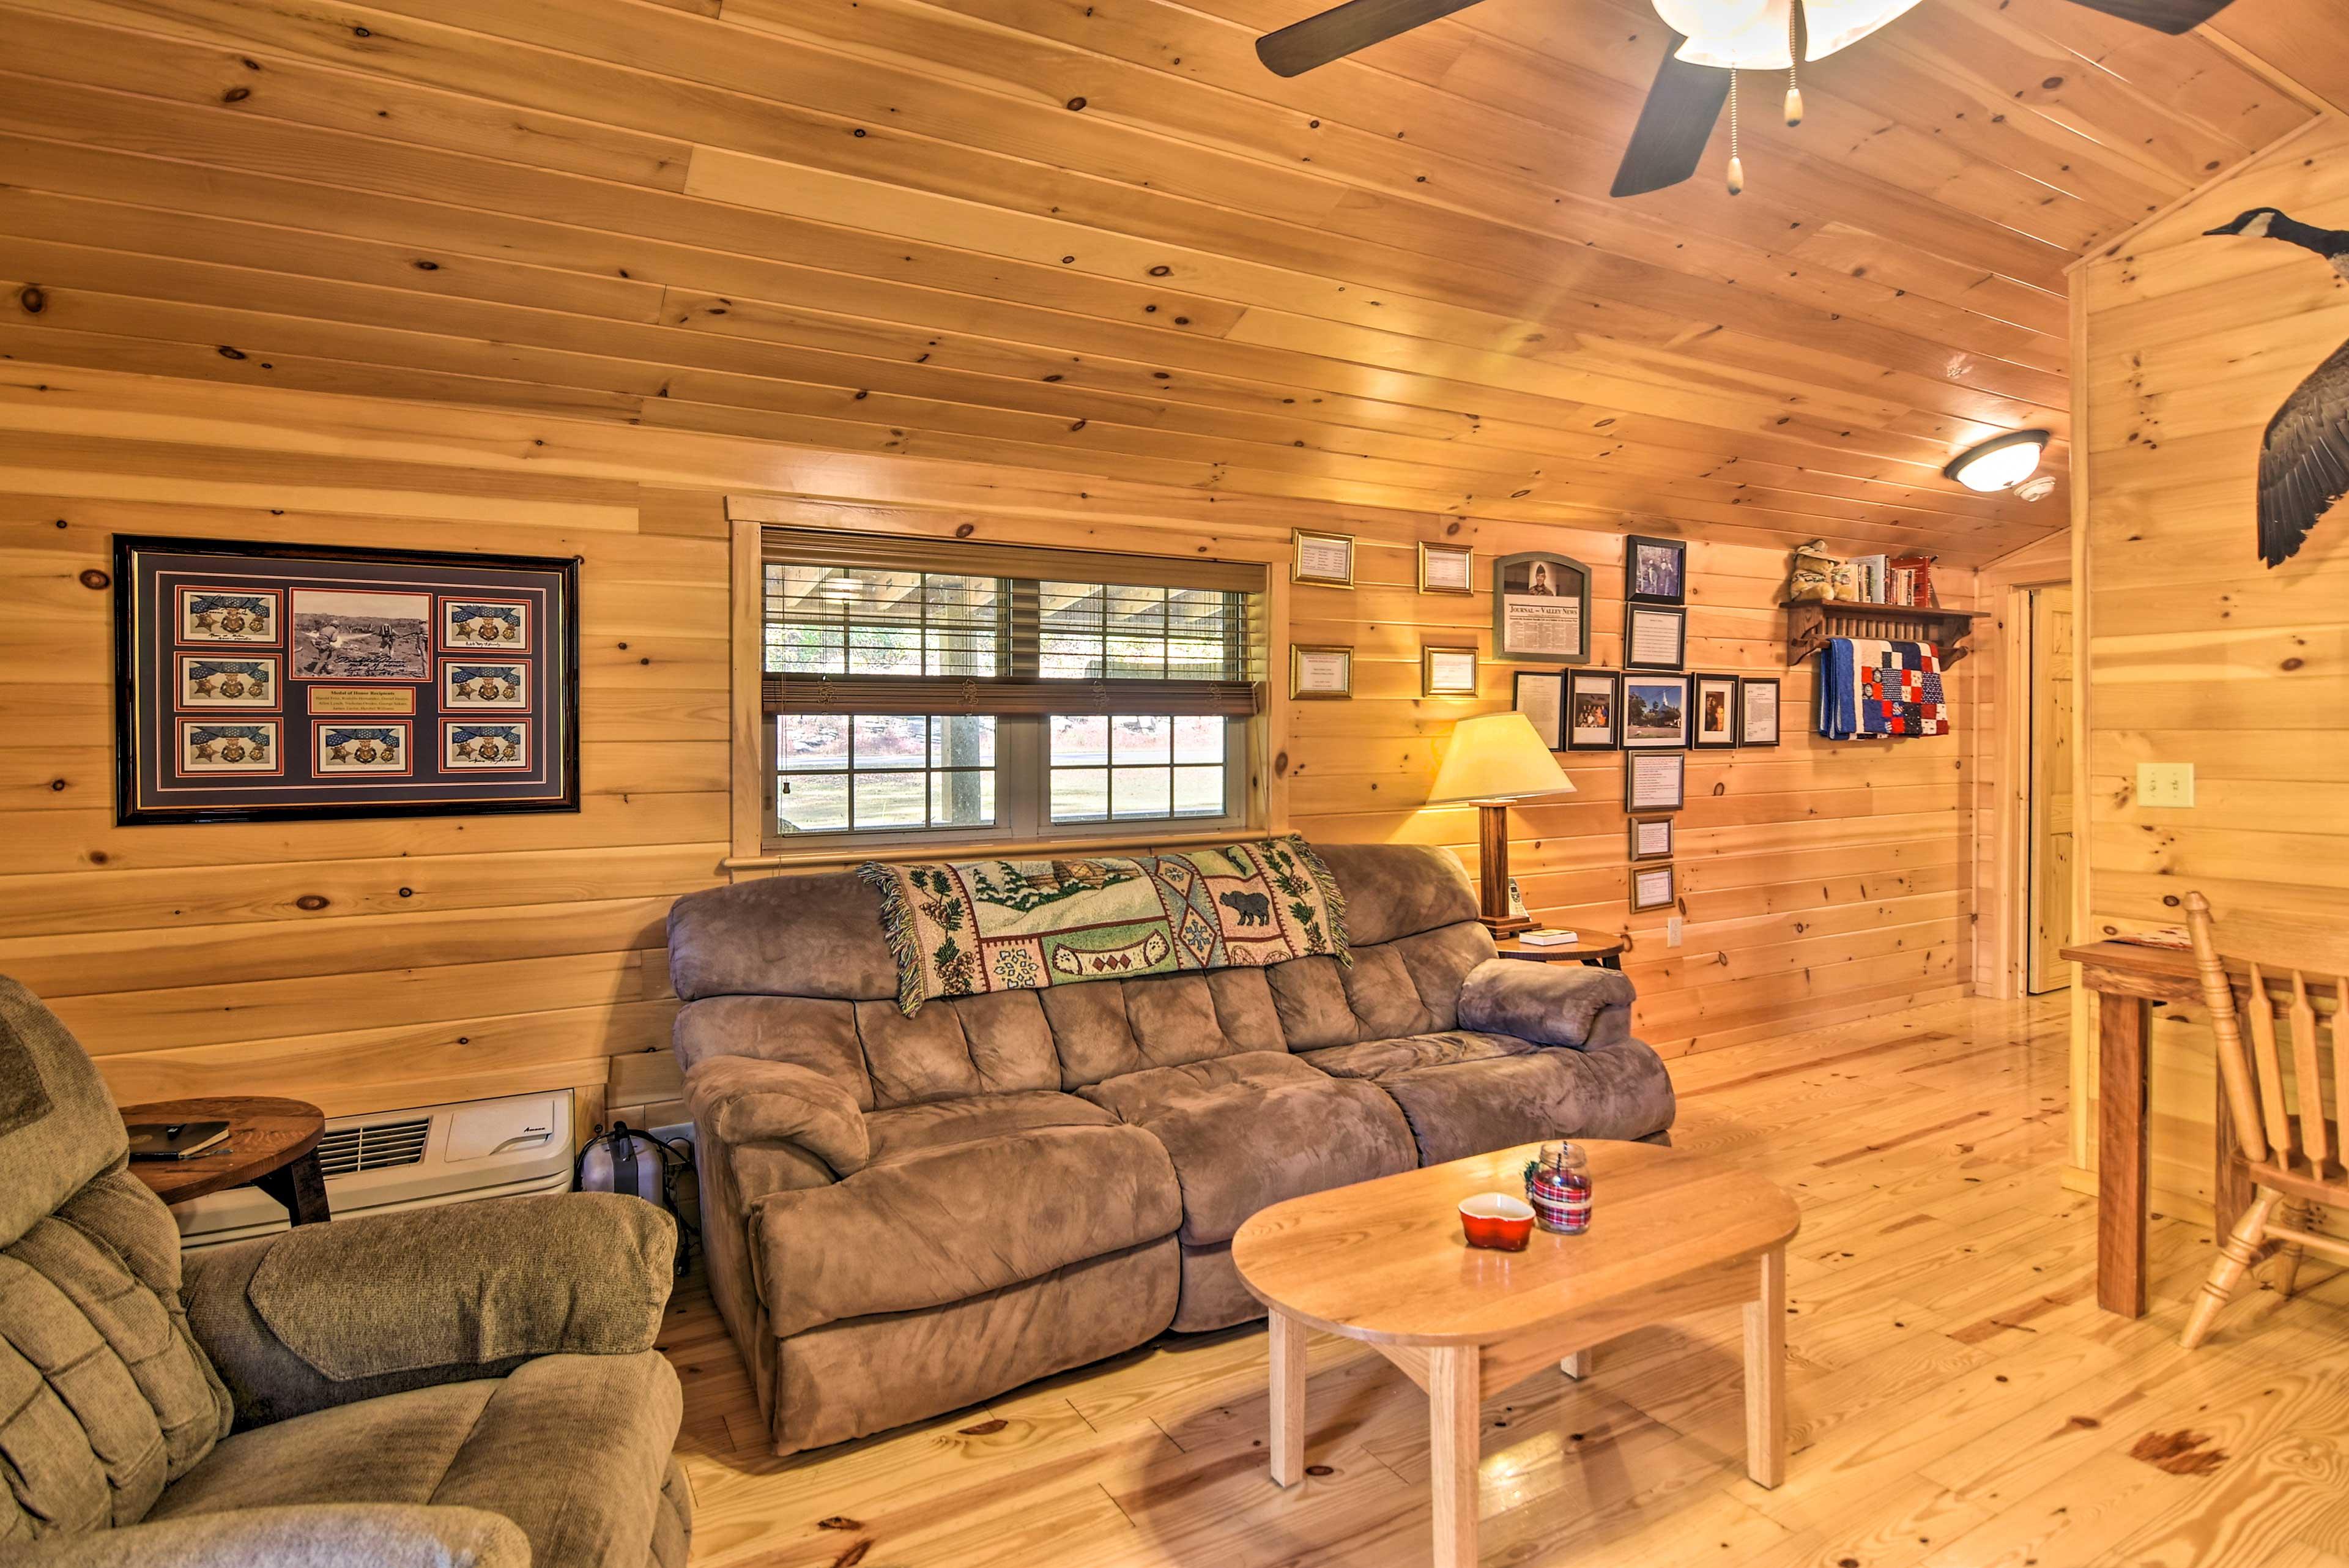 Living Room | Books | Free WiFi | Sleeper Sofa